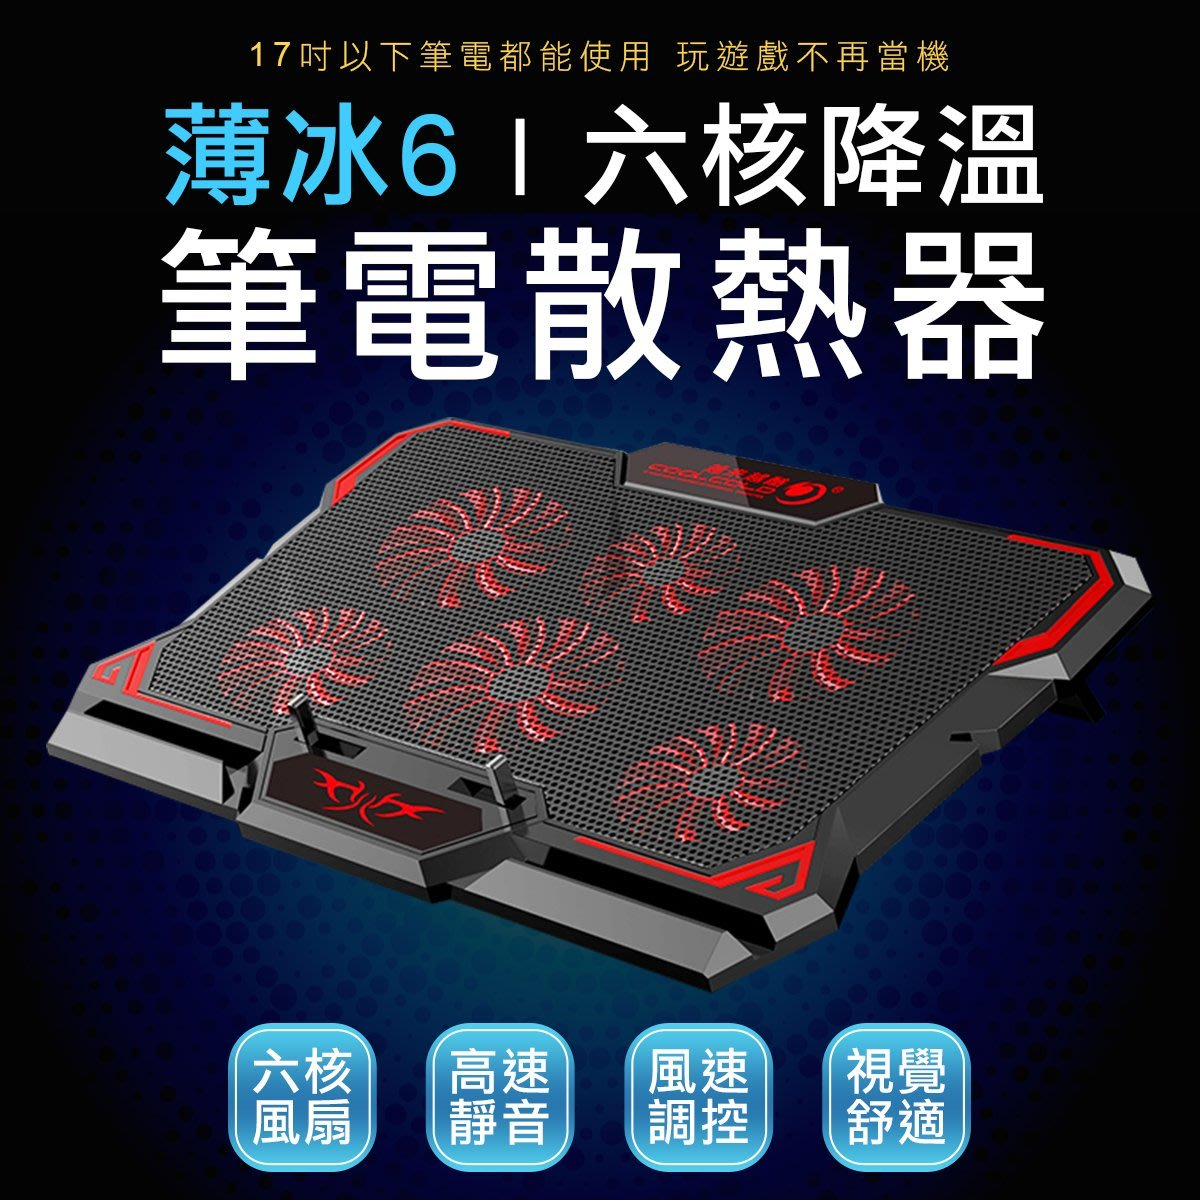 超強6風扇 智能調速筆電散熱器 散熱座 散熱架